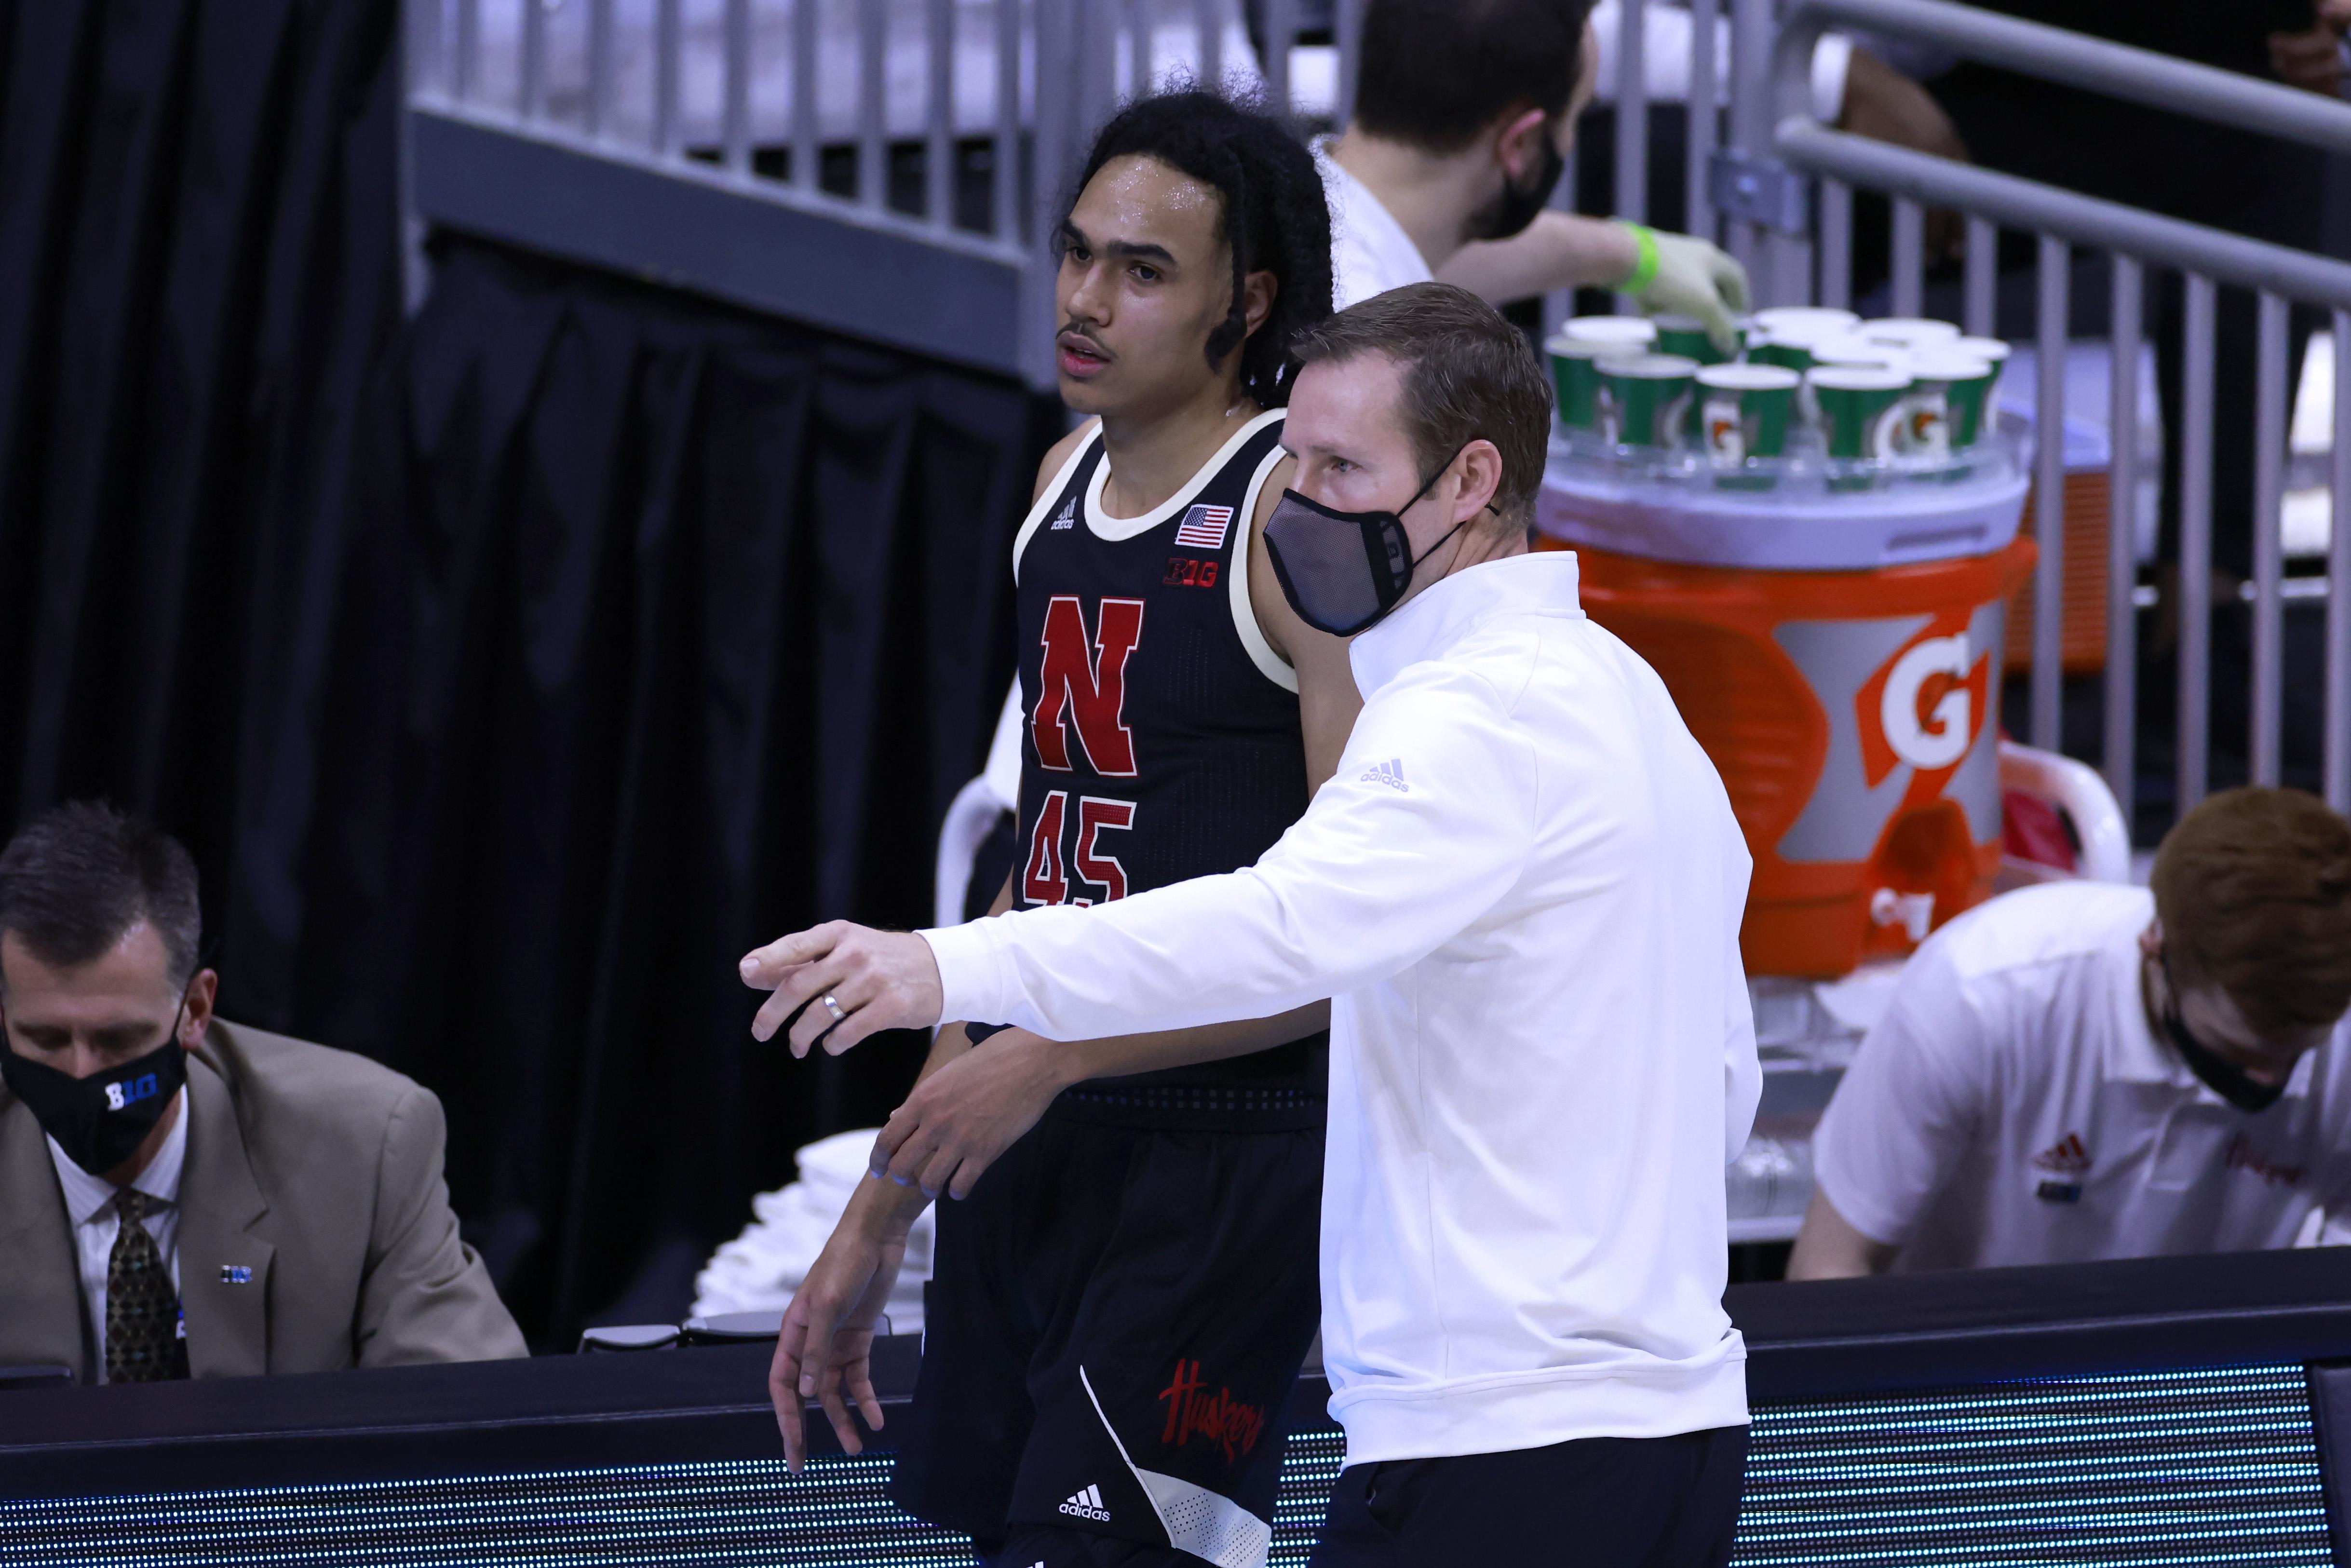 Big Ten Men's Basketball Tournament - Nebraska v Penn State